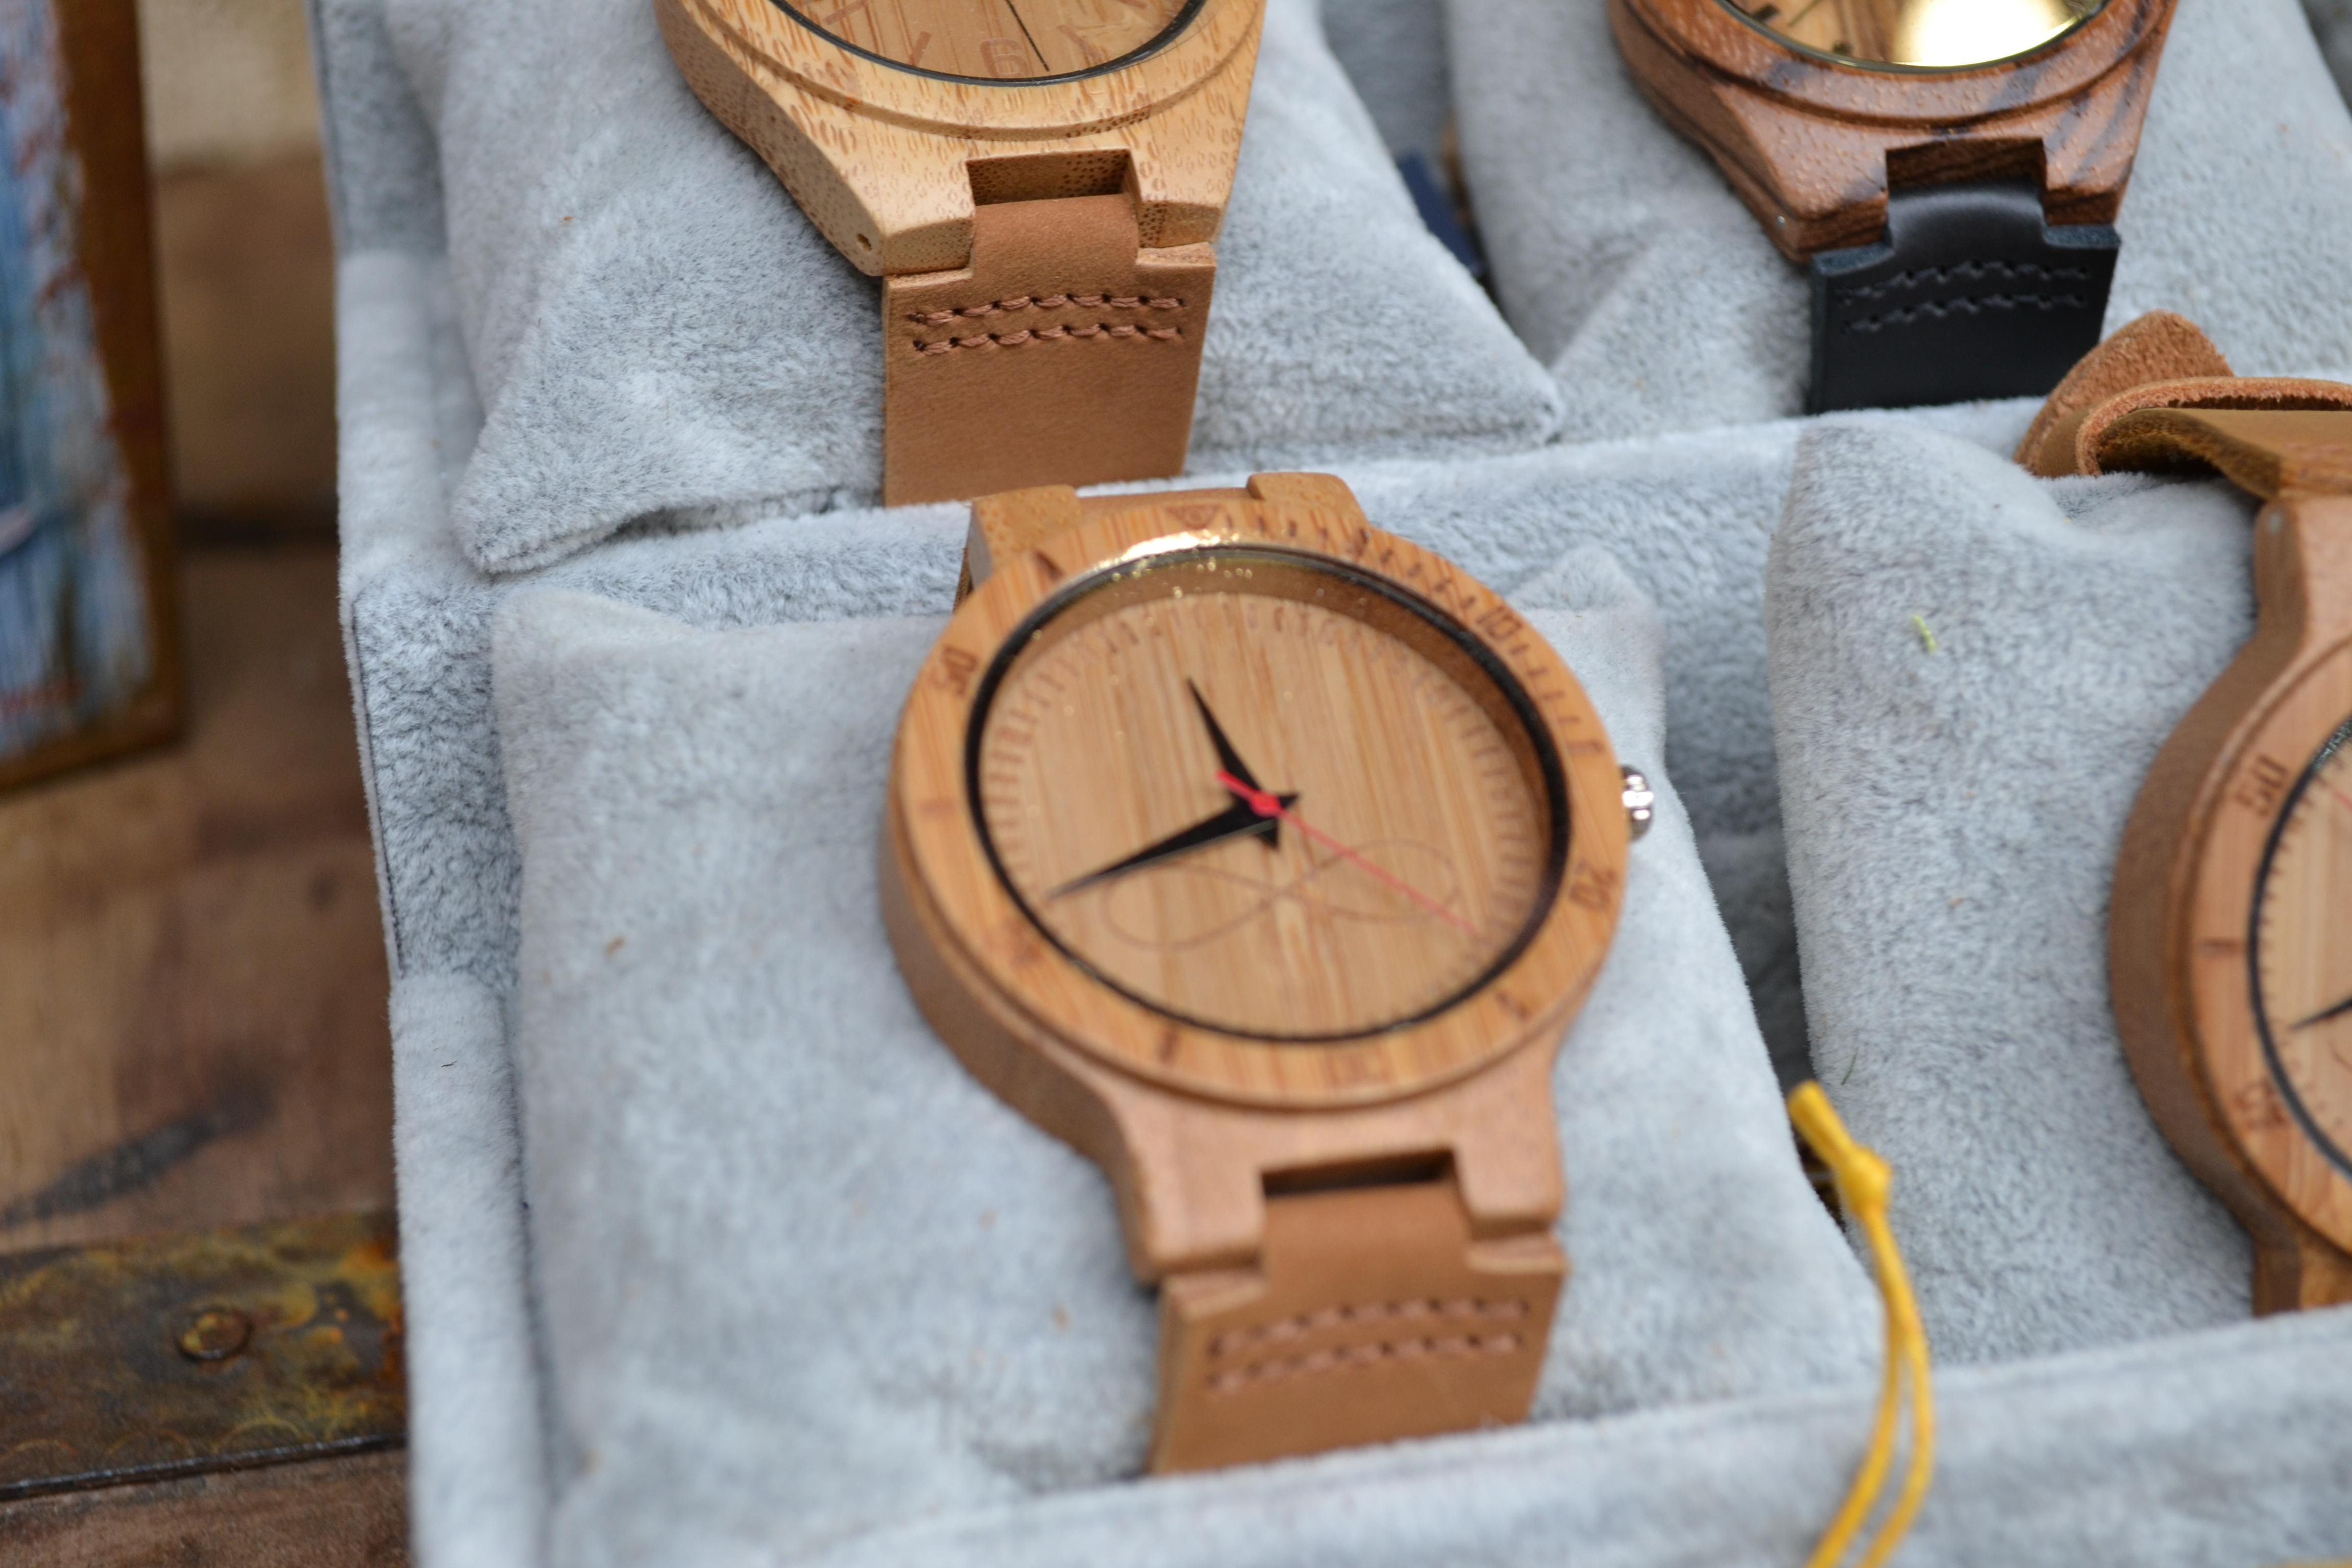 Τα ρολόγια από ξύλο είναι χειροποίητα κι έχουν τη δική τους διαδικασία για  να κατασκευαστούν και να συναρµολογηθούν. Ο κ. Πλιάγκας µας εξήγησε βήµα  βήµα τη ... f3c3667eae7